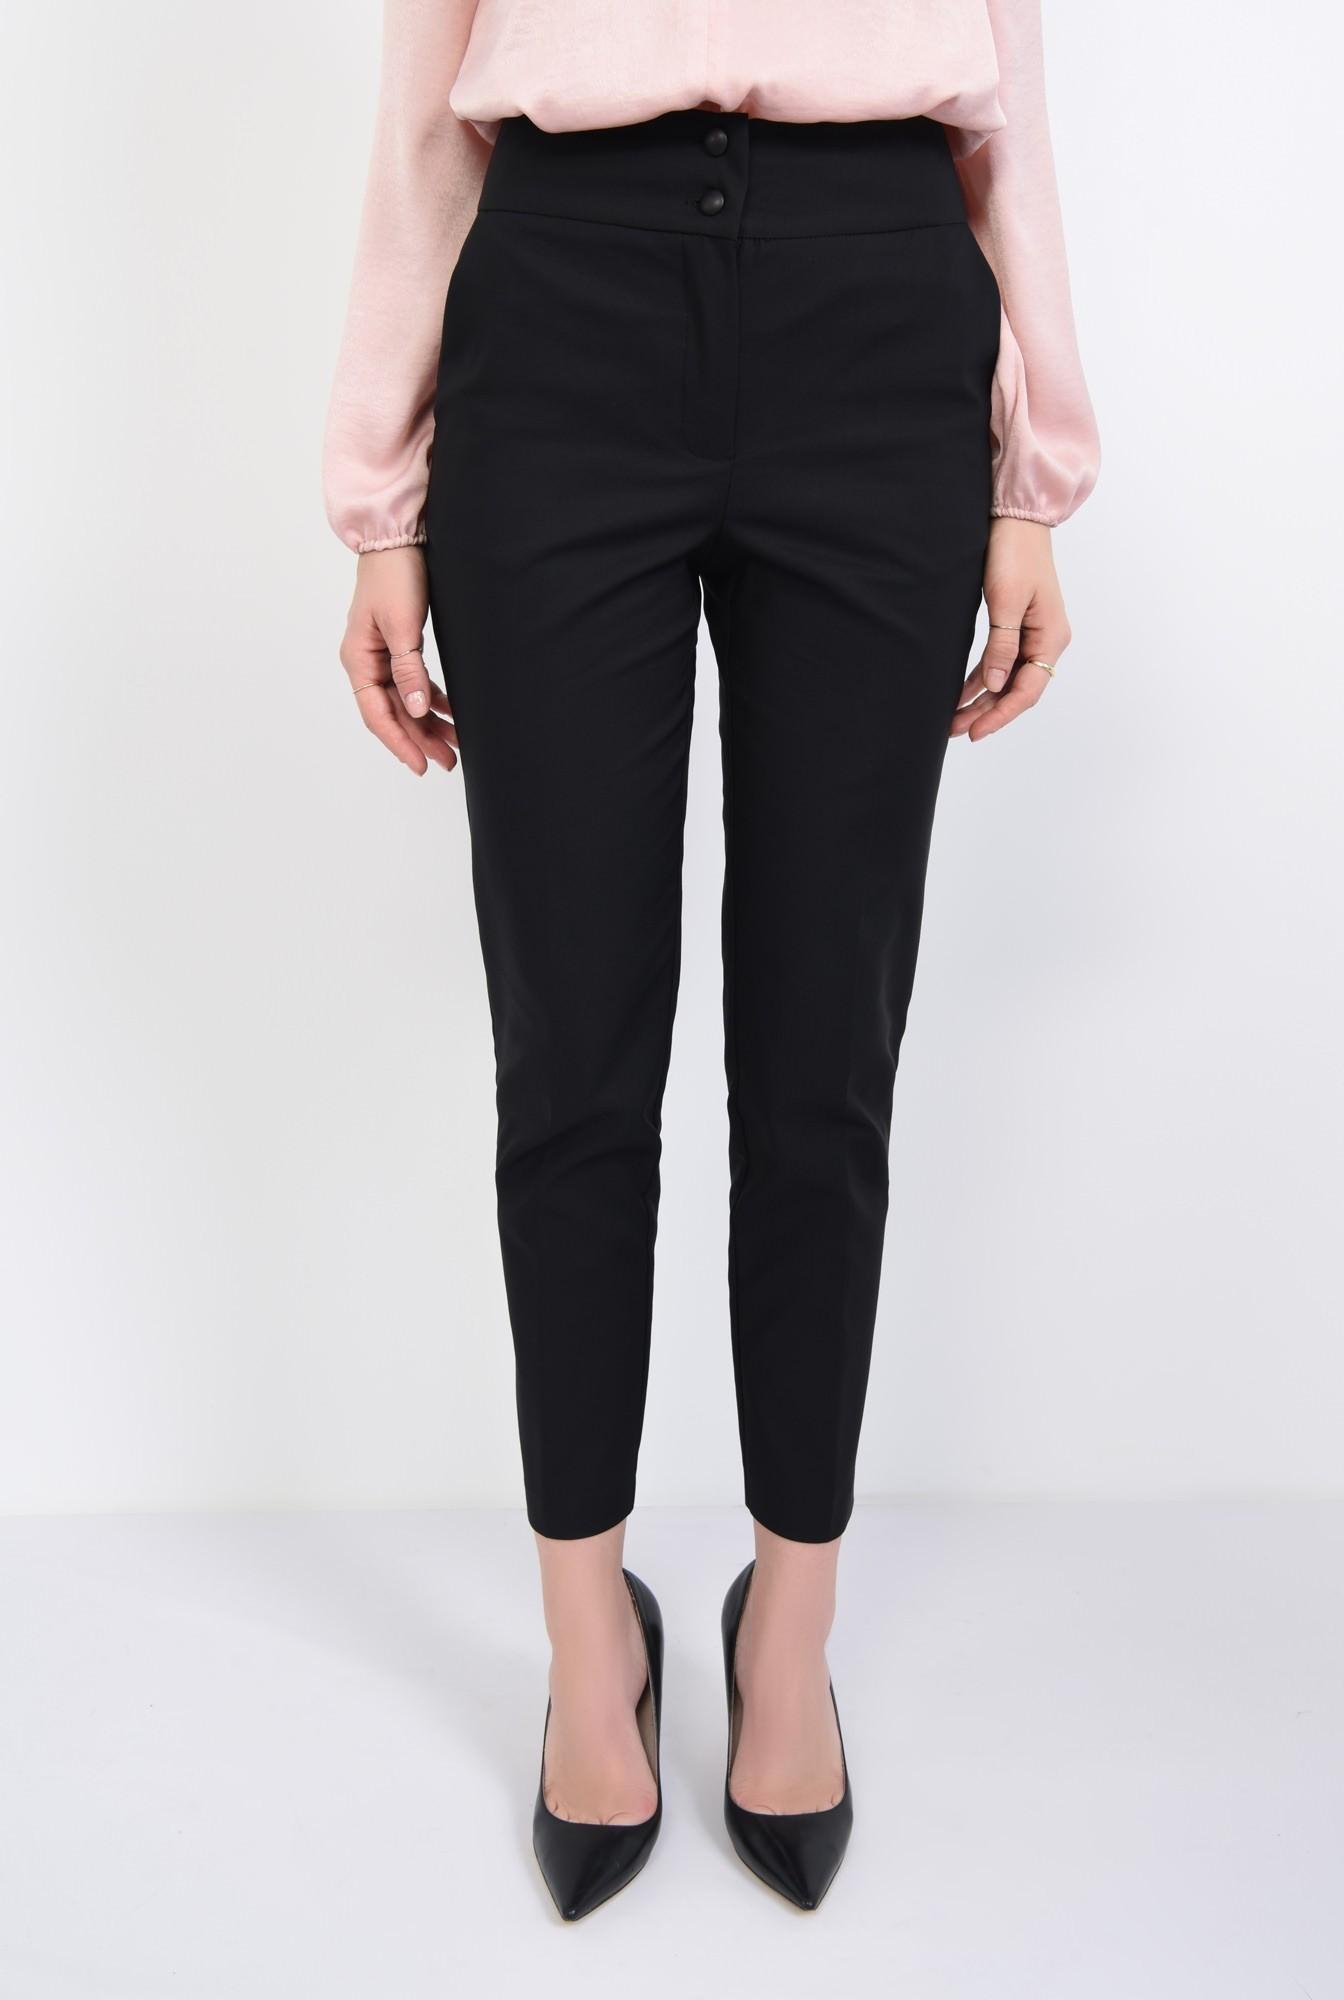 2 - Pantaloni office, negru